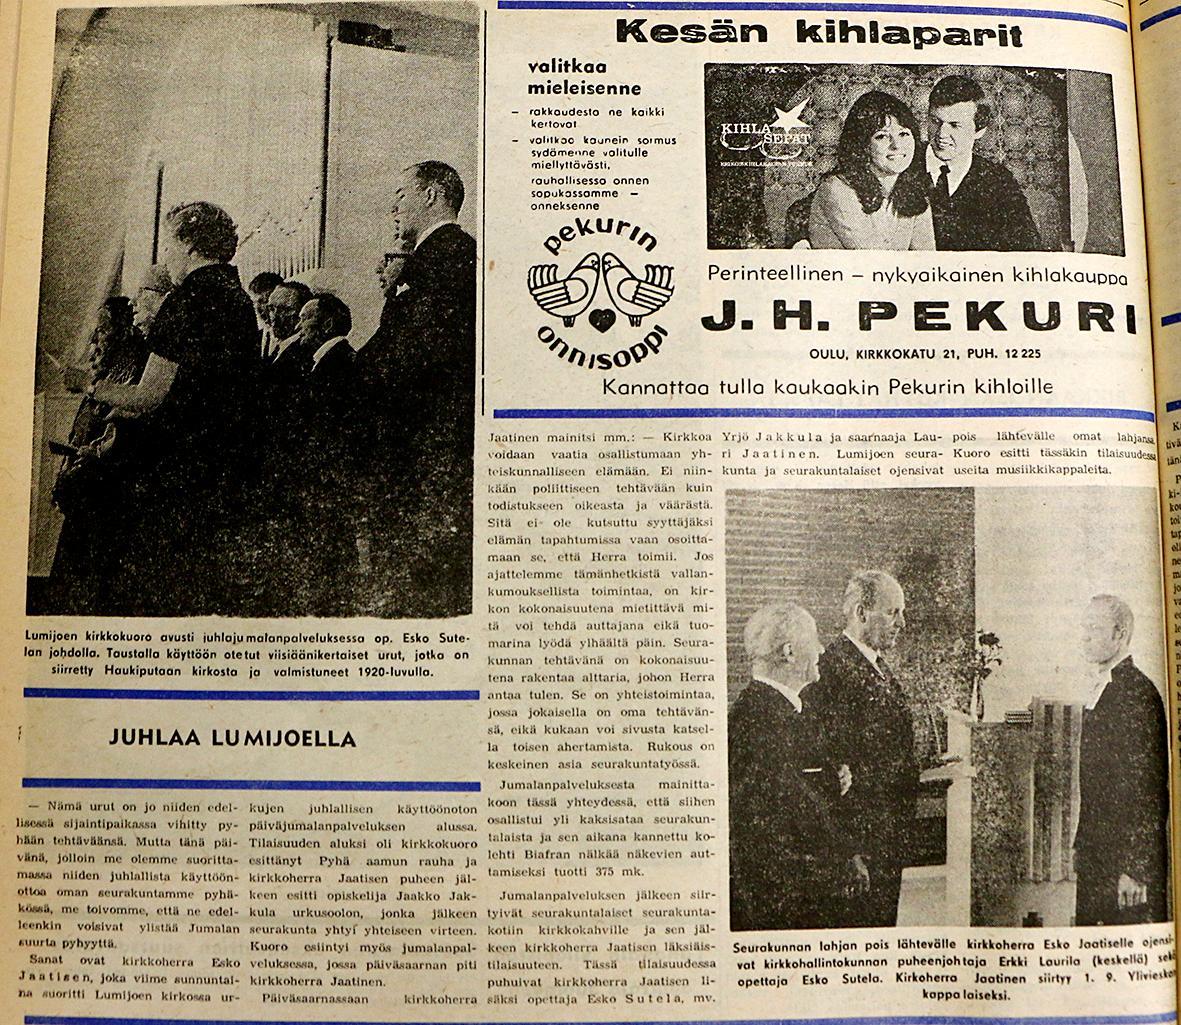 Kuva: Lehtileike RT 8.8.1968 Lumijoen kirkon uusien urkujen käyttöönottojuhlasta. Kuvituksena Lumijoen seurakunnan 100-vuotisjuhlan kuvakeräyksestä.